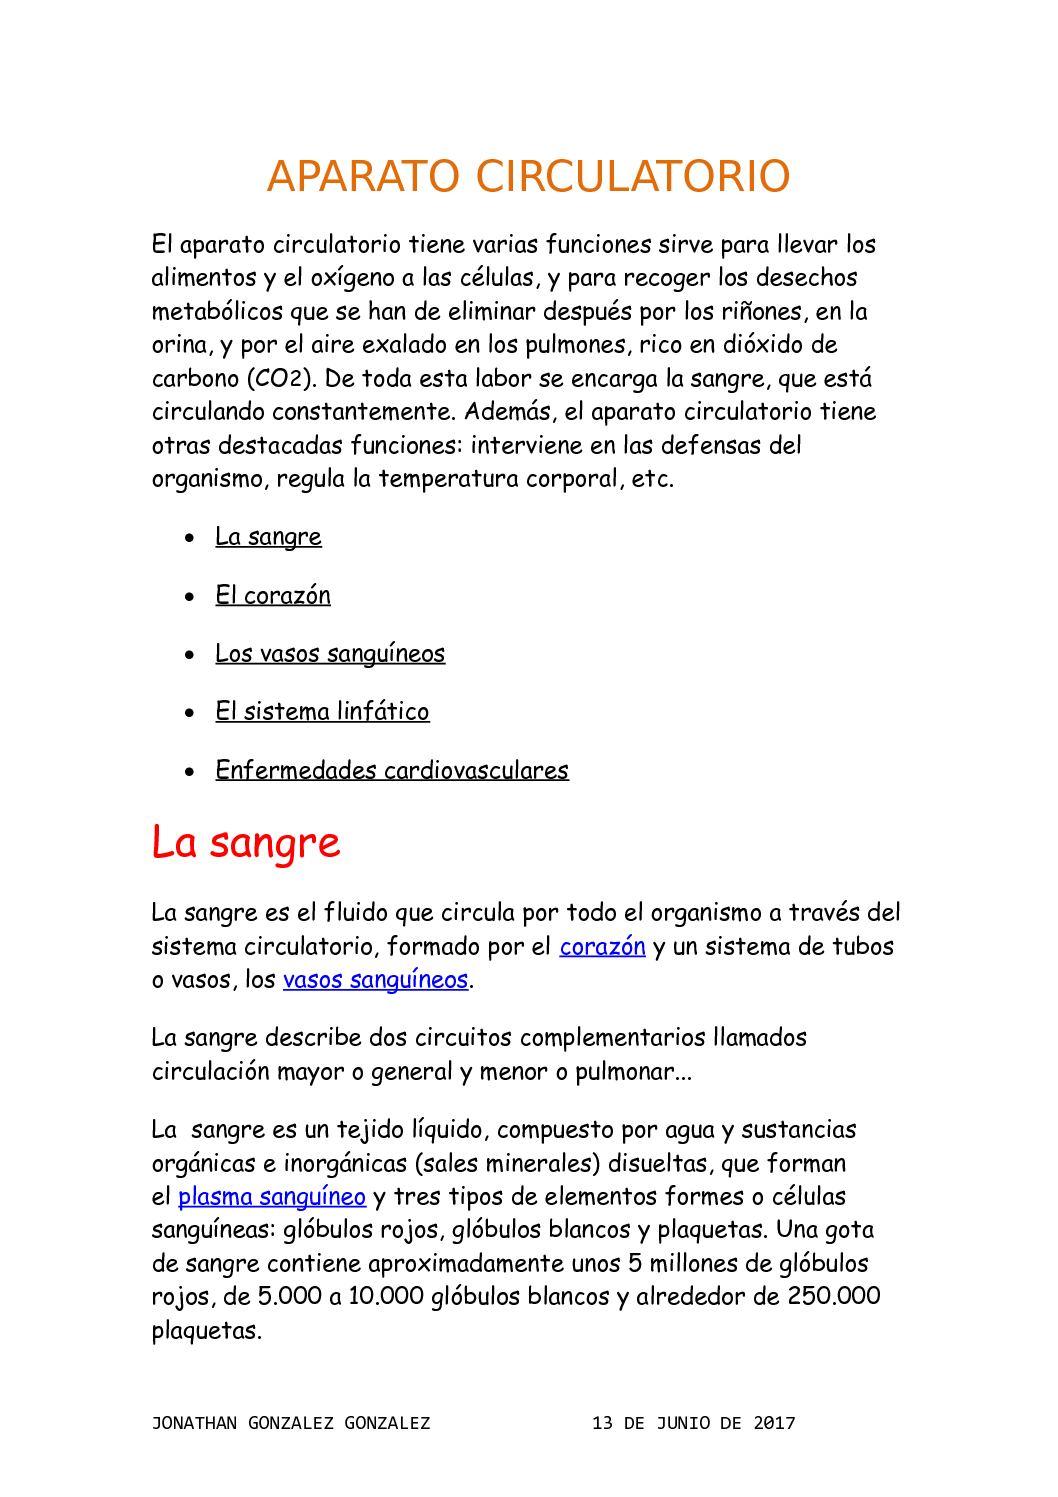 Circuito Sanguineo : Calaméo aparato circulatorio